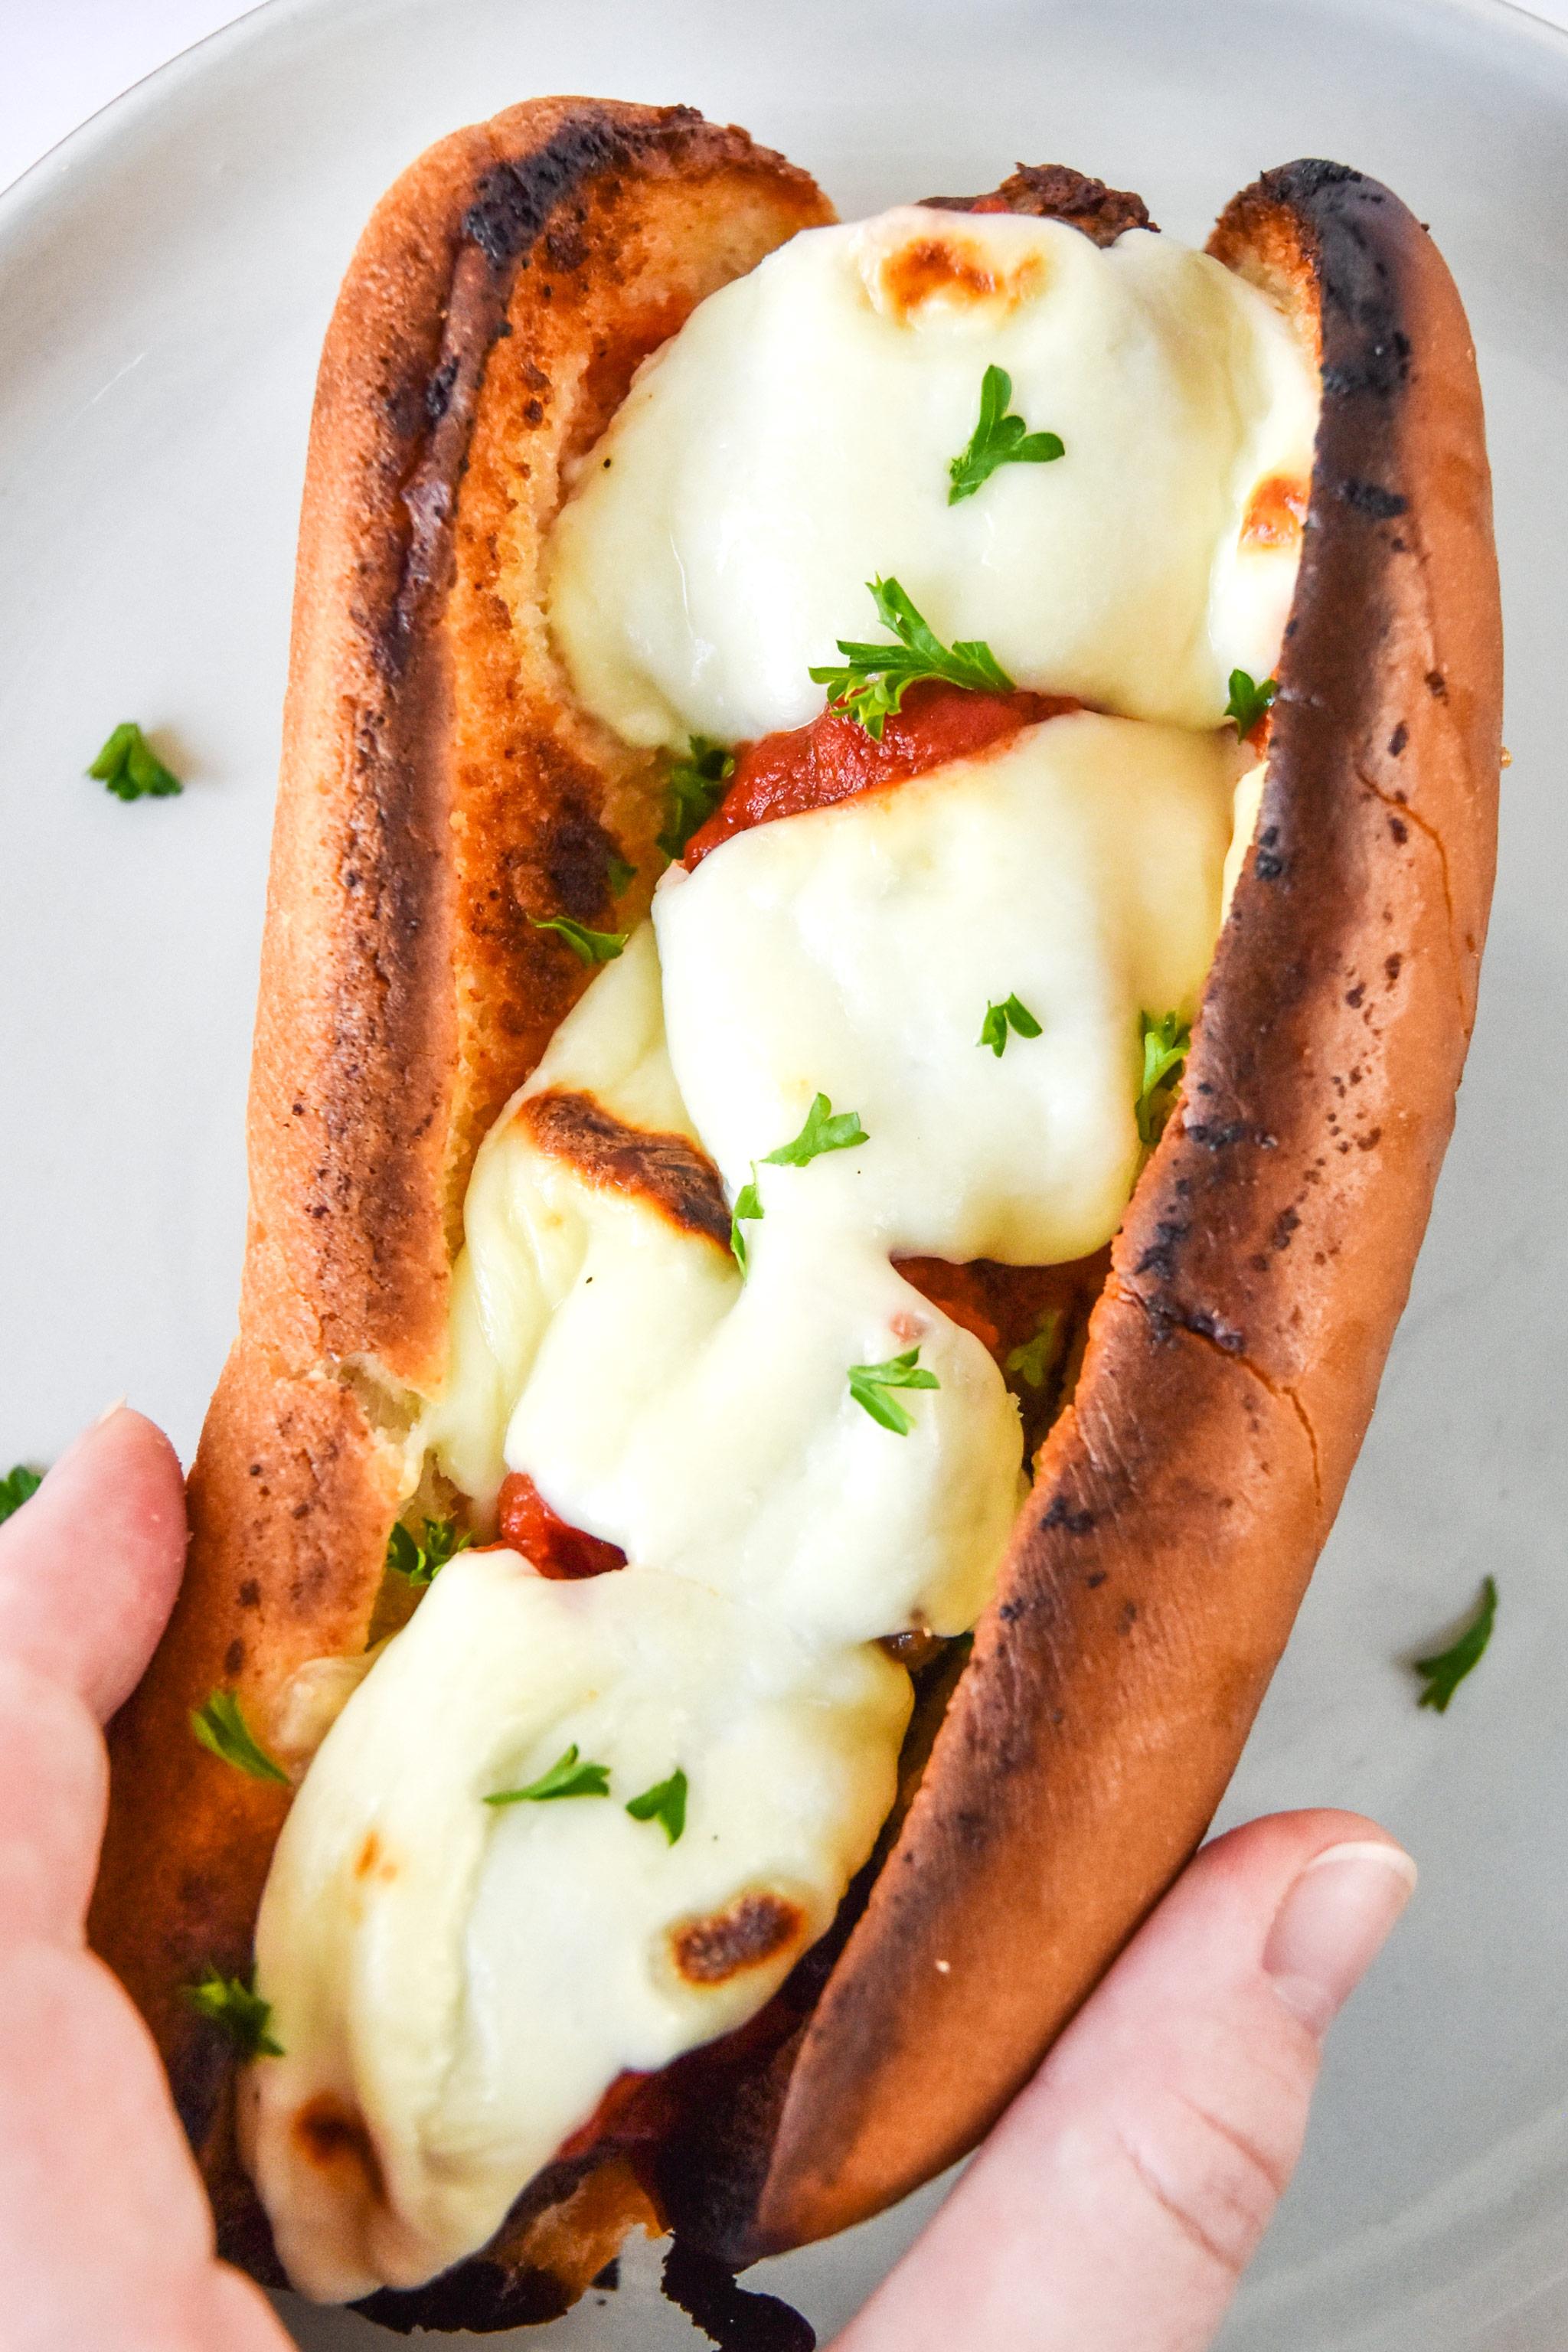 meatball sub sandwich with fresh mozzarella in hand.